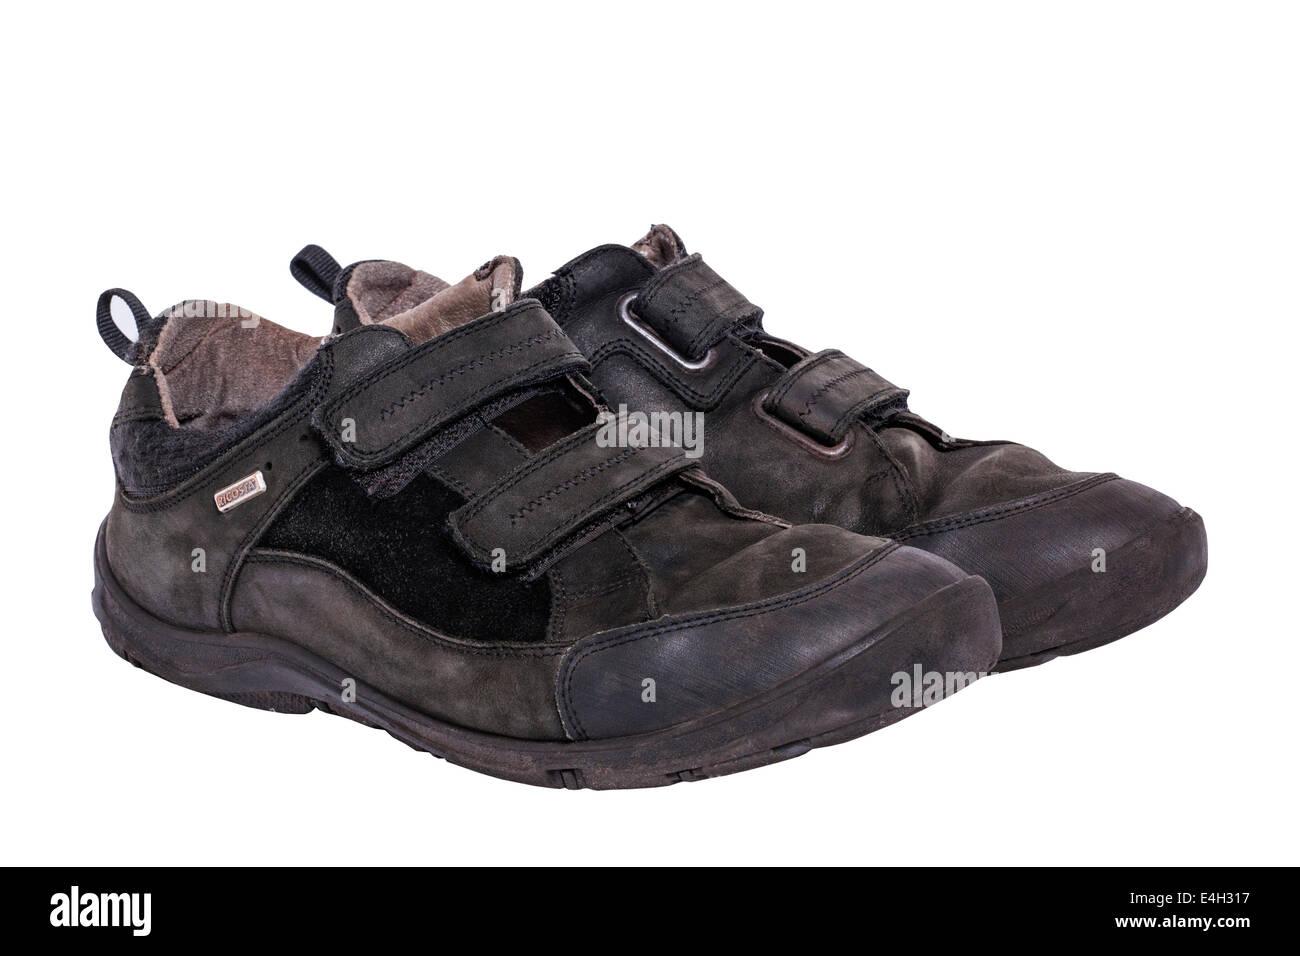 Une paire de garçons velcro noir usé fixer chaussures école sur un fond blanc Photo Stock